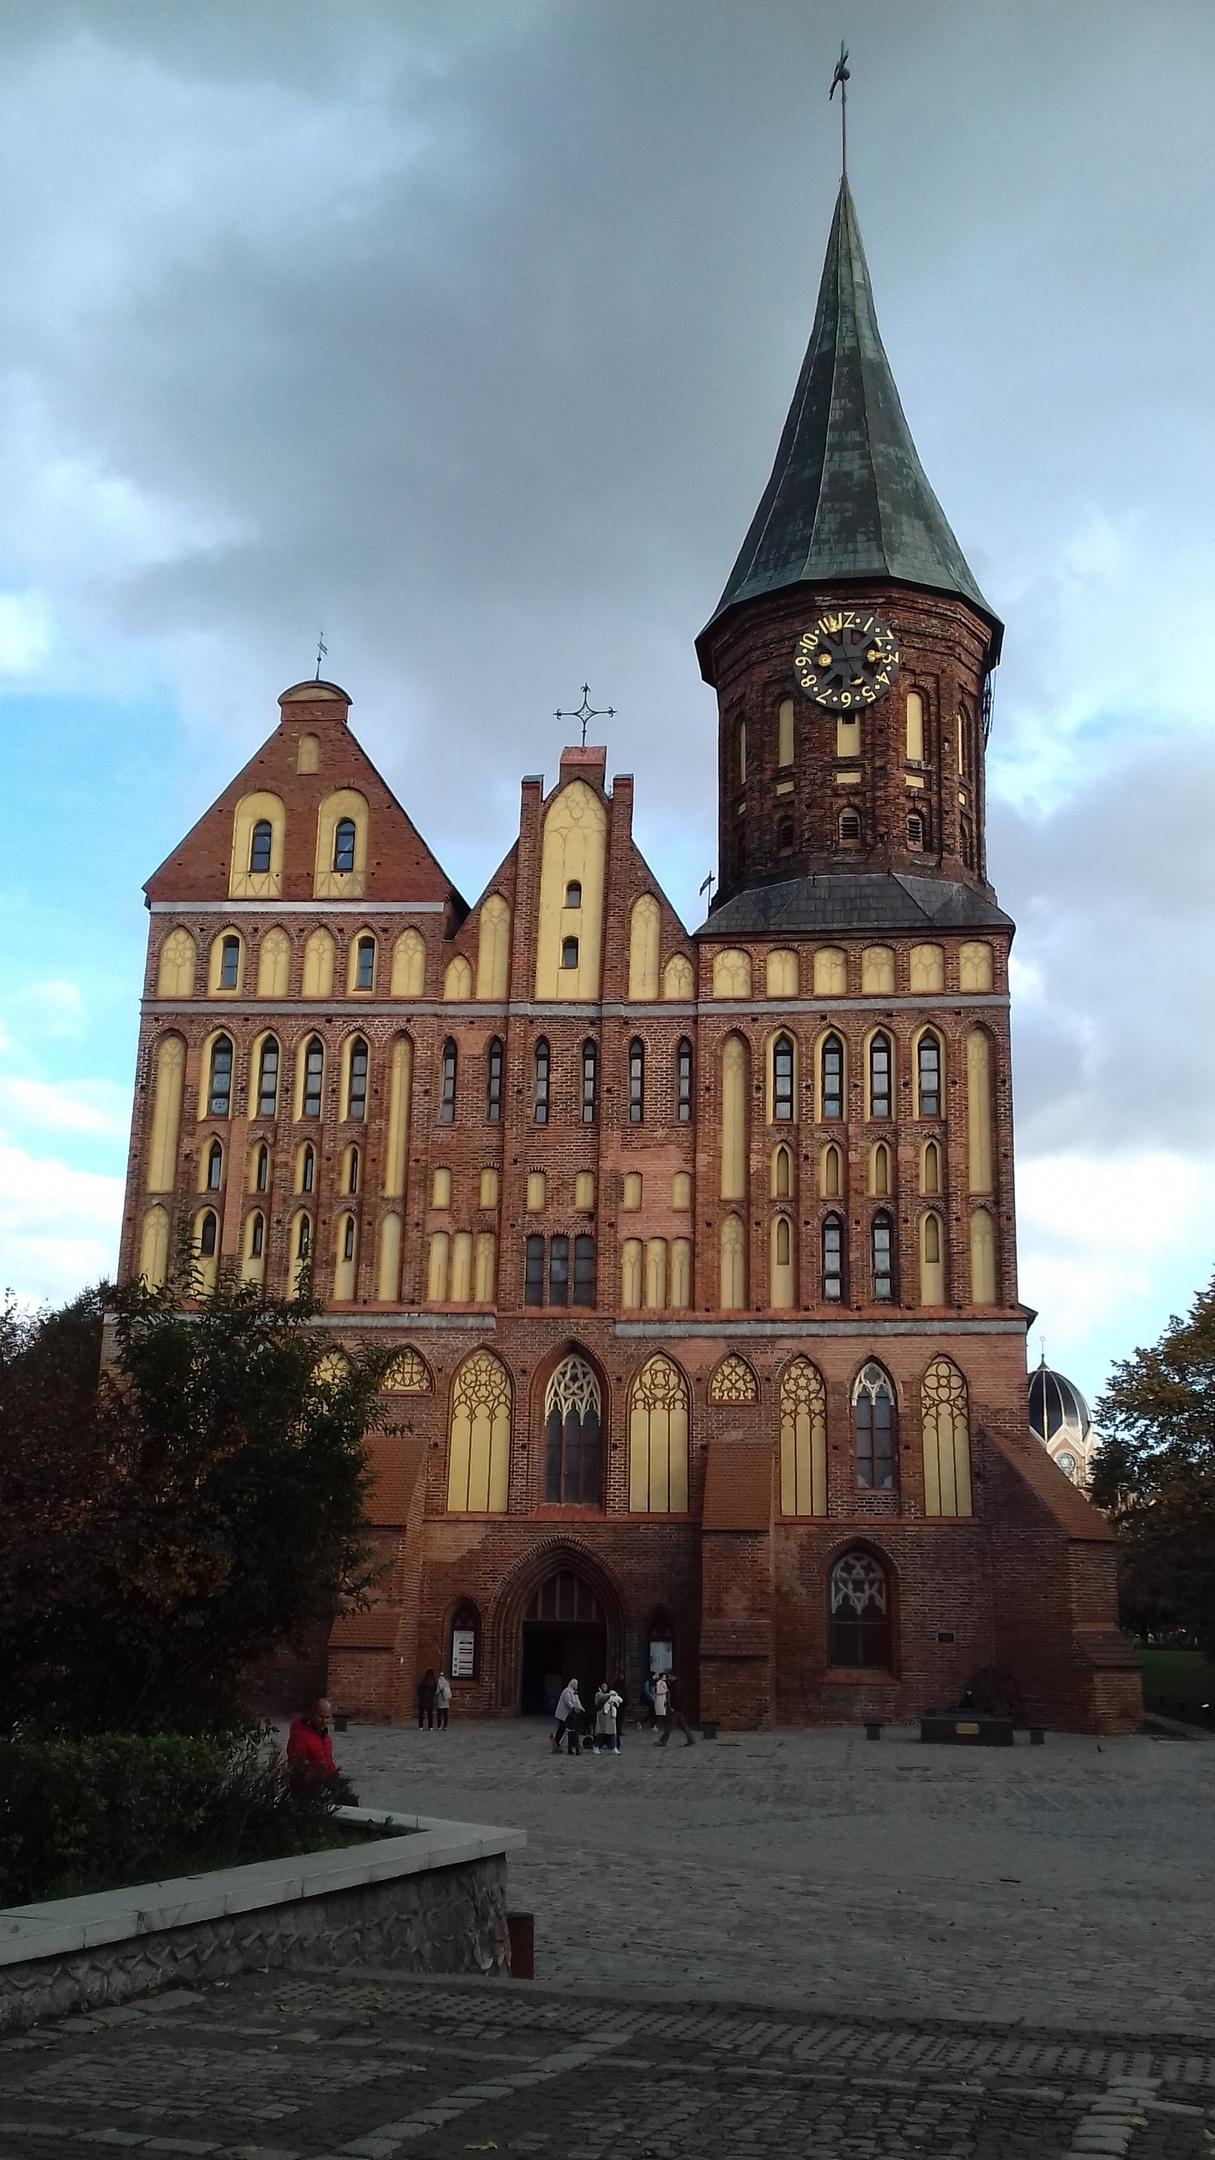 Кафедральный собор восстановлен, но у архитекторов много вопросов: здание лишь напоминает исторический прототип